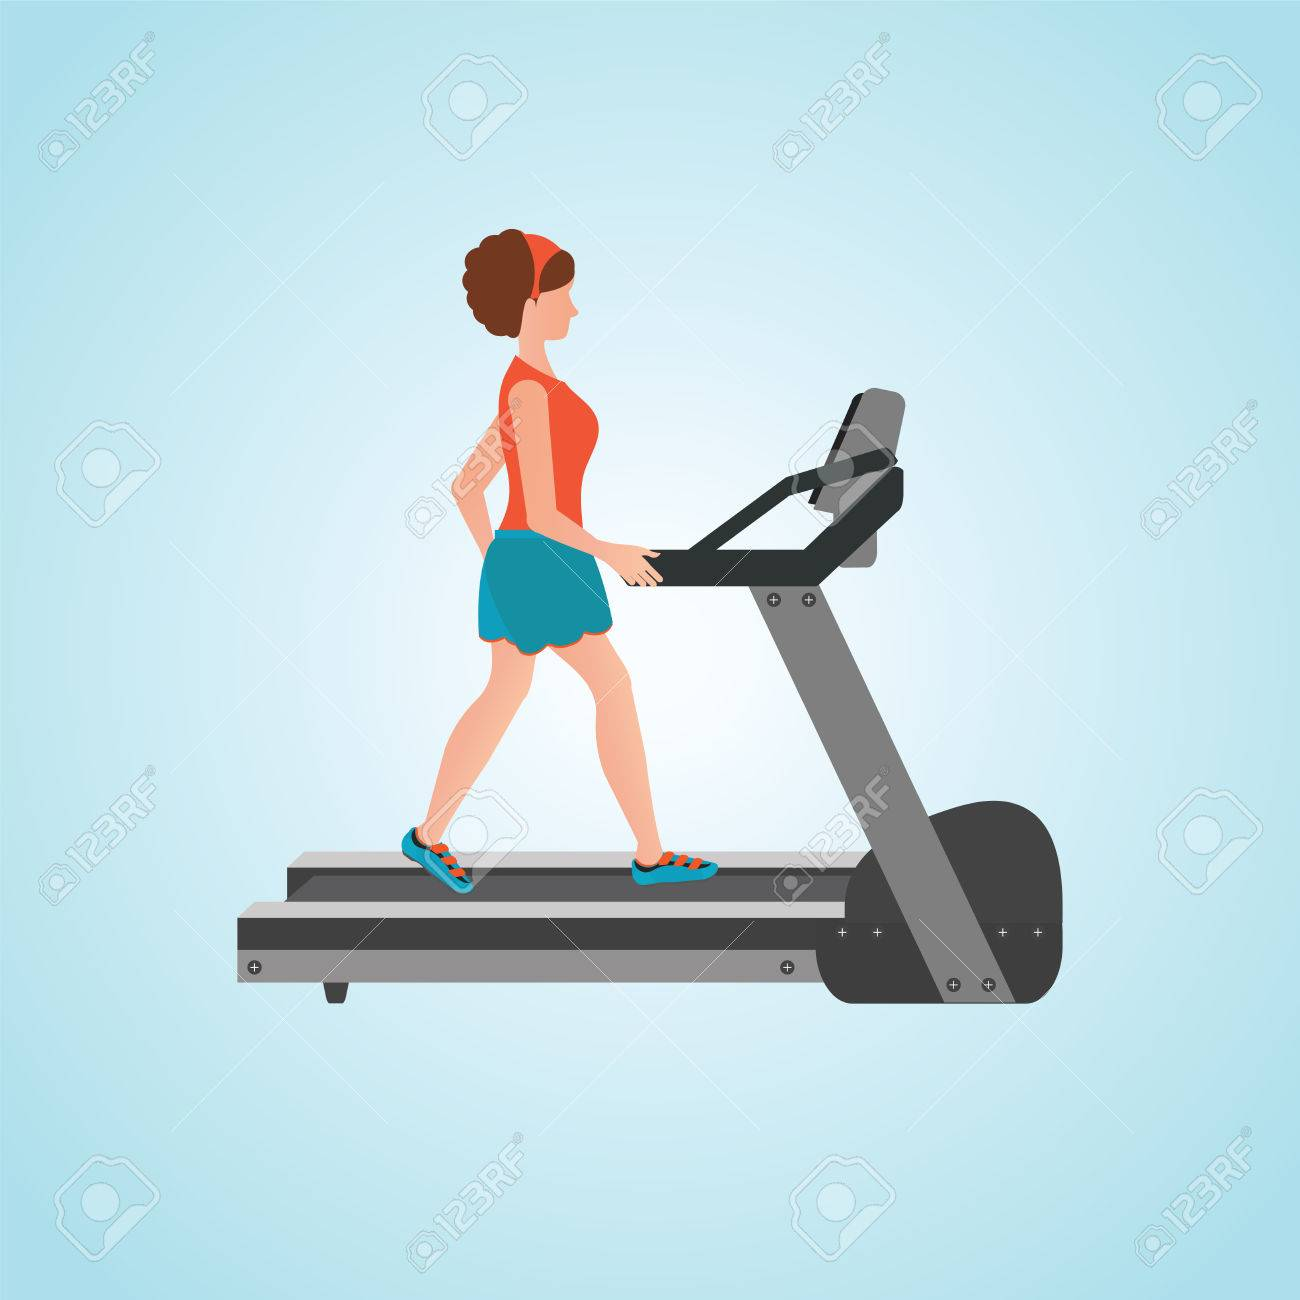 Jeune Femme Adulte Courir Sur Tapis Roulant Sport Fitness